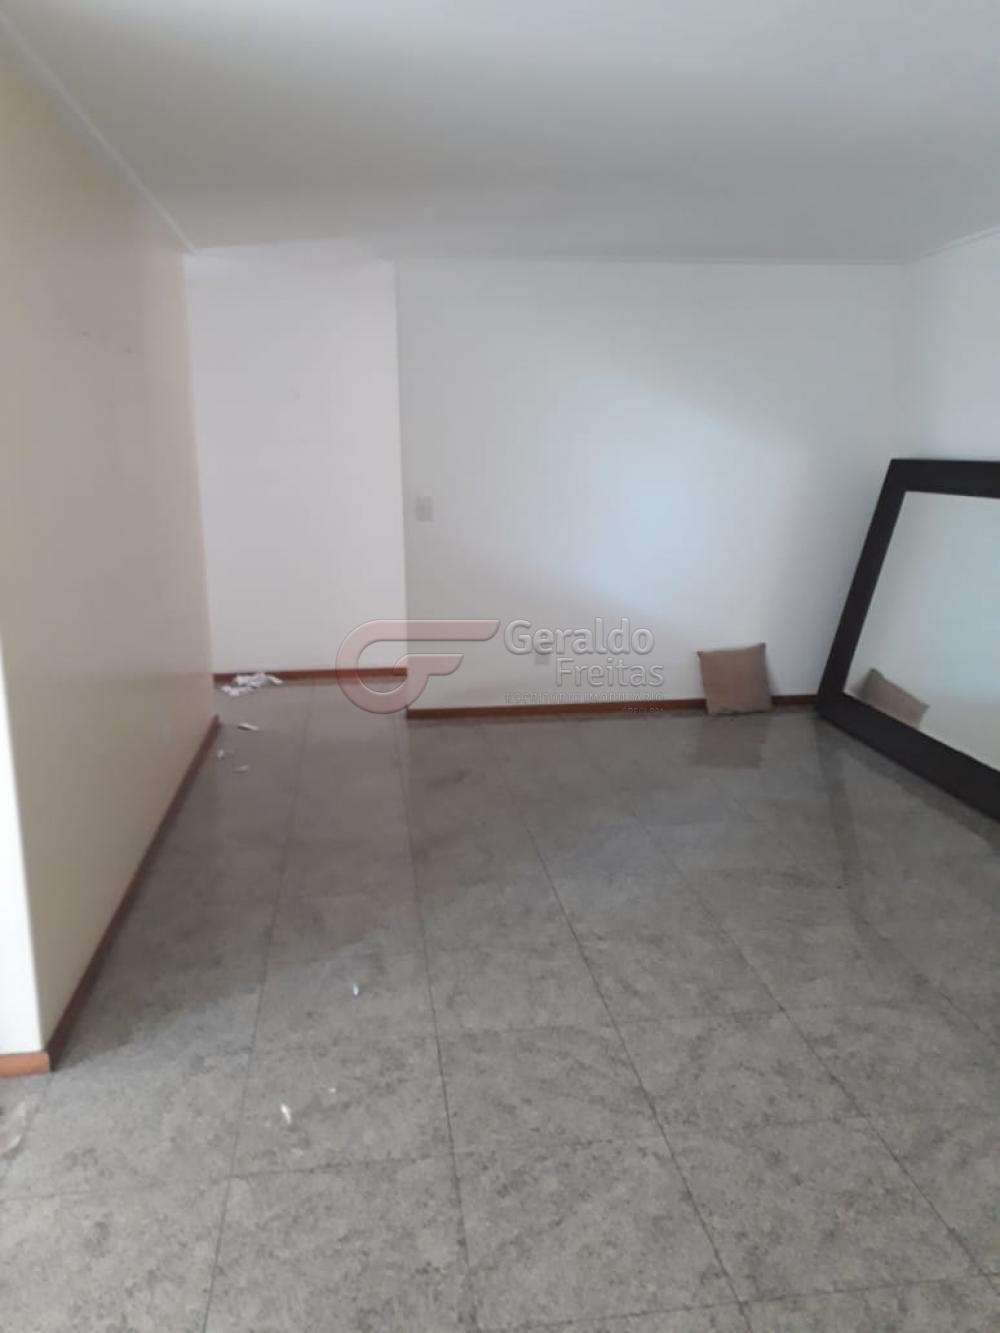 Comprar Apartamentos / Padrão em Maceió apenas R$ 1.200.000,00 - Foto 2